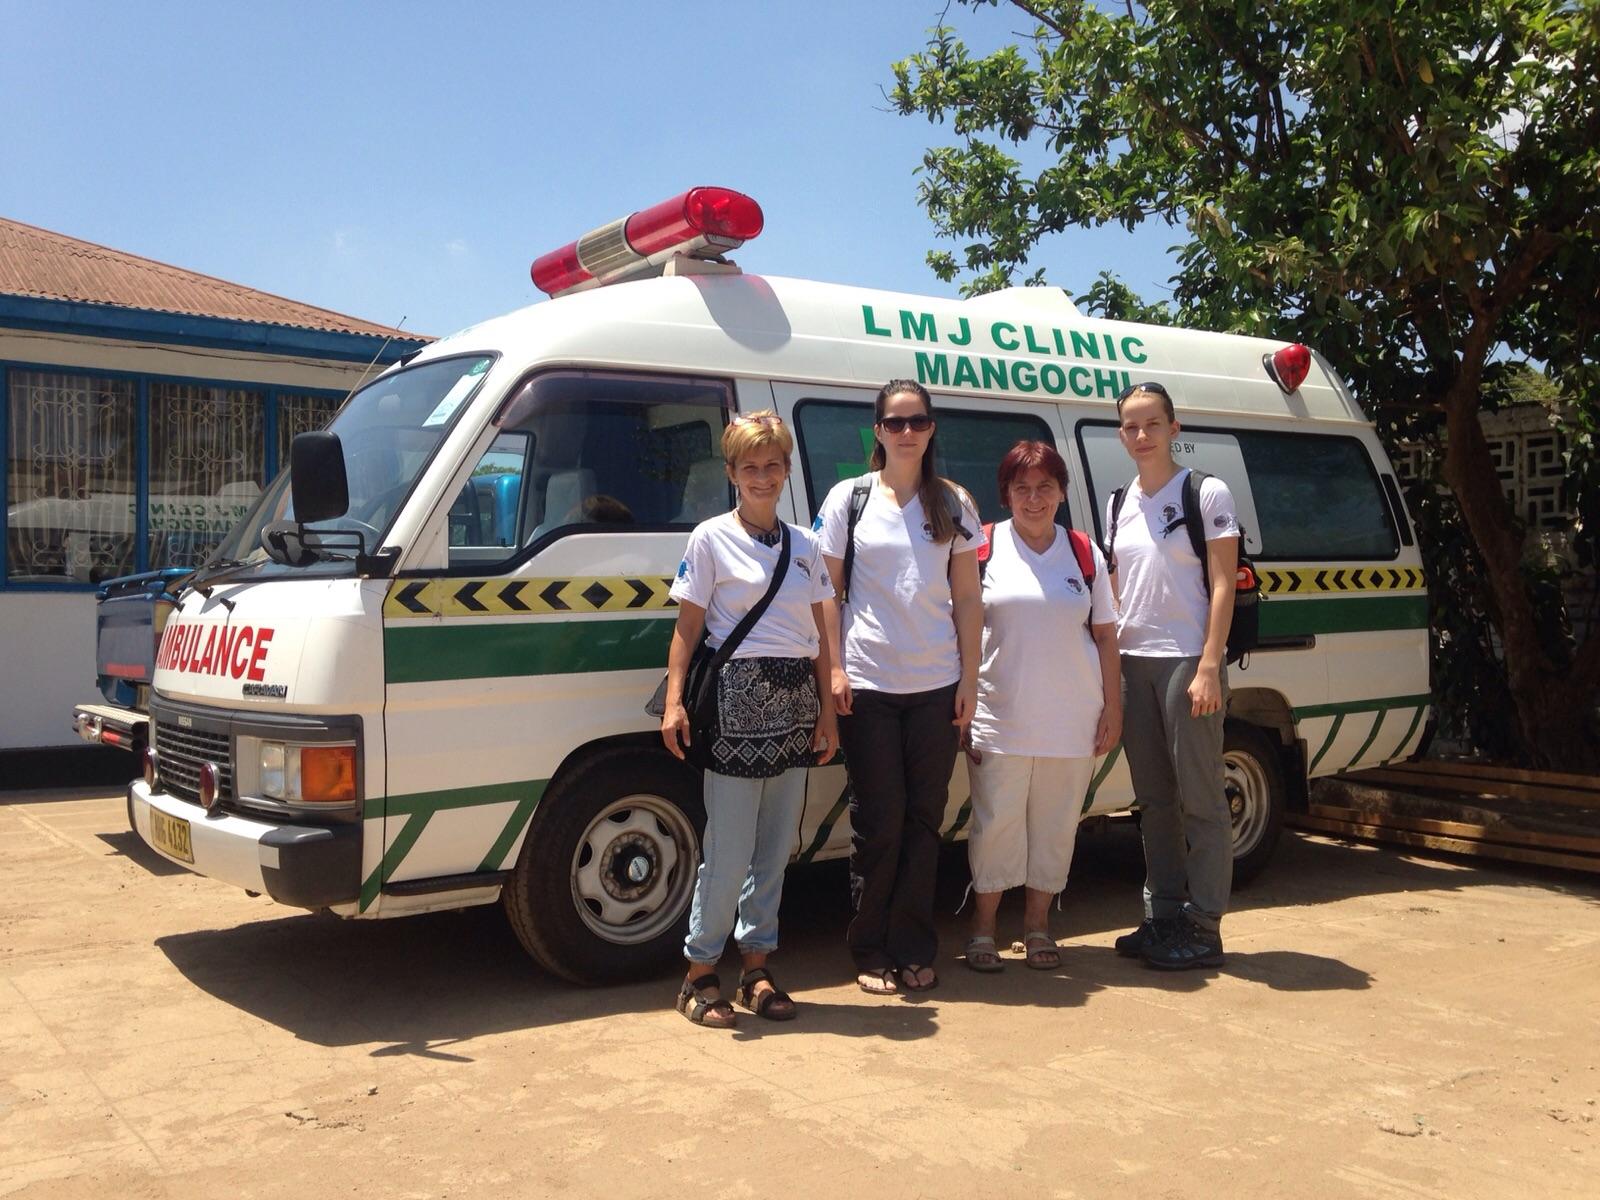 Orzói Zsuzsa, dr. Pálinkás Edina, dr. Jakkel Anna és Horváth Dorka Malawiban.